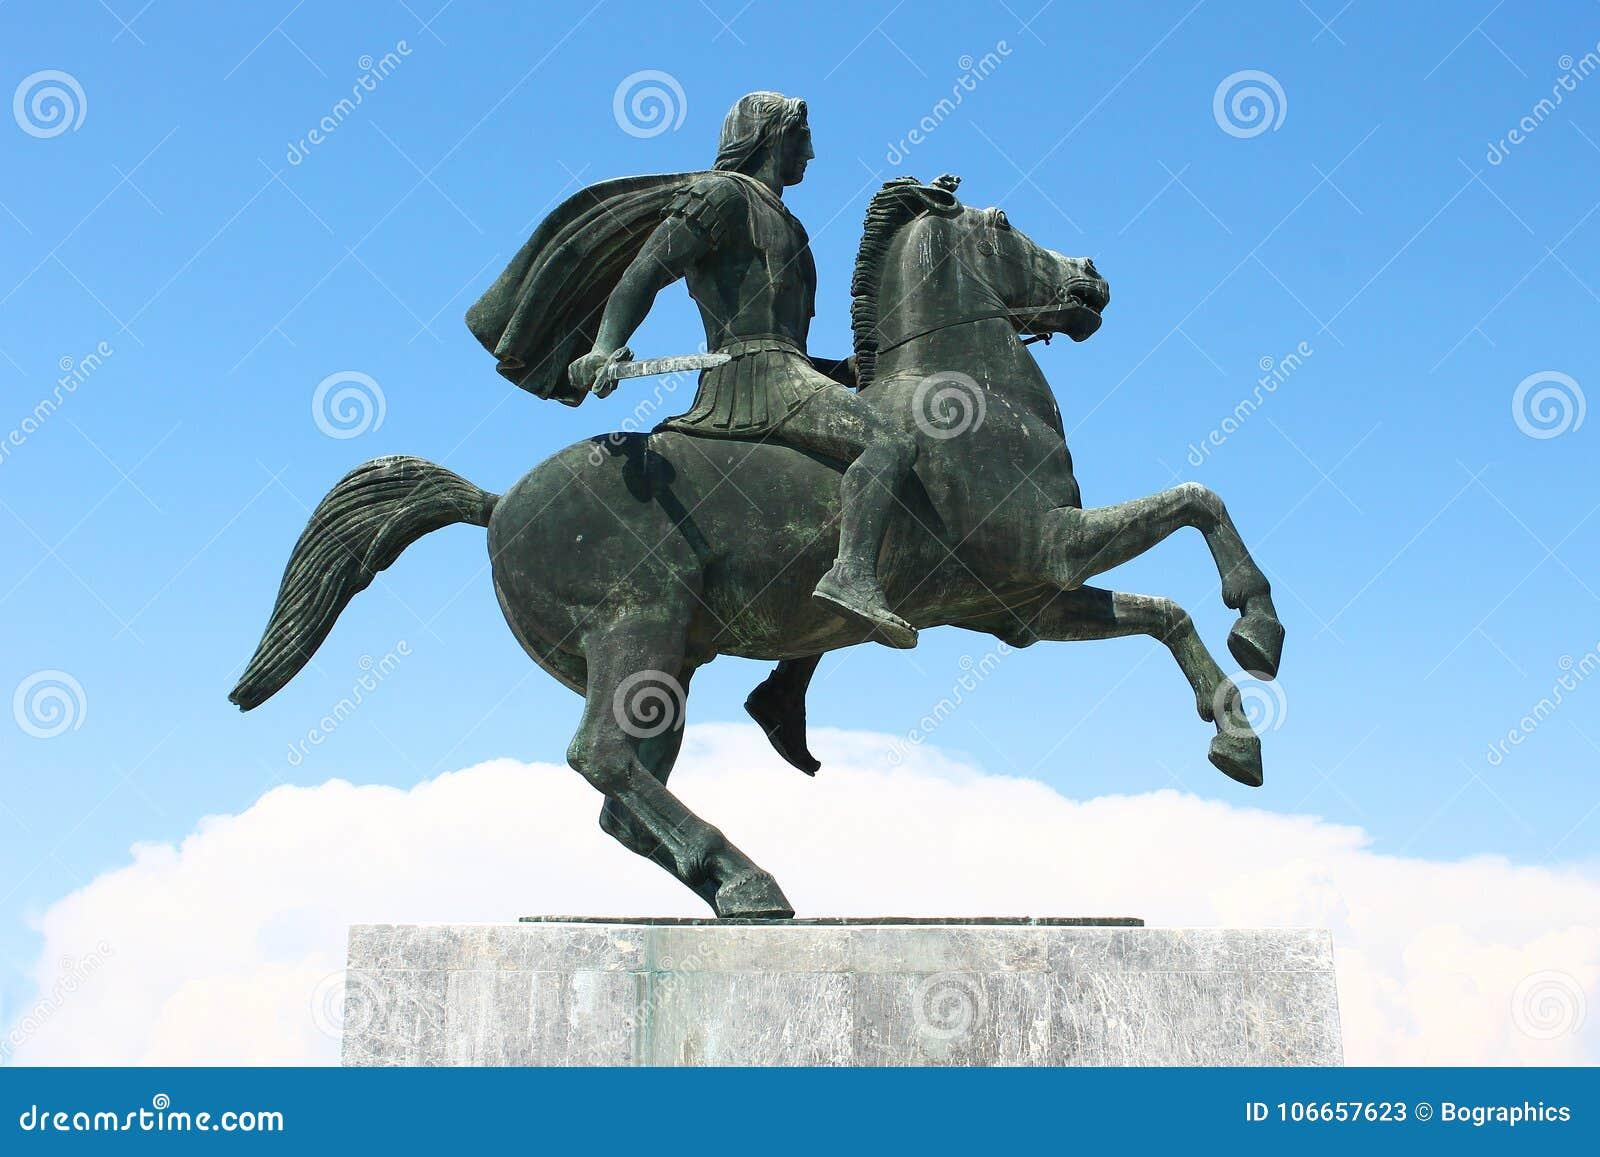 Guerreiro em uma estátua de bronze oxidada cavalo